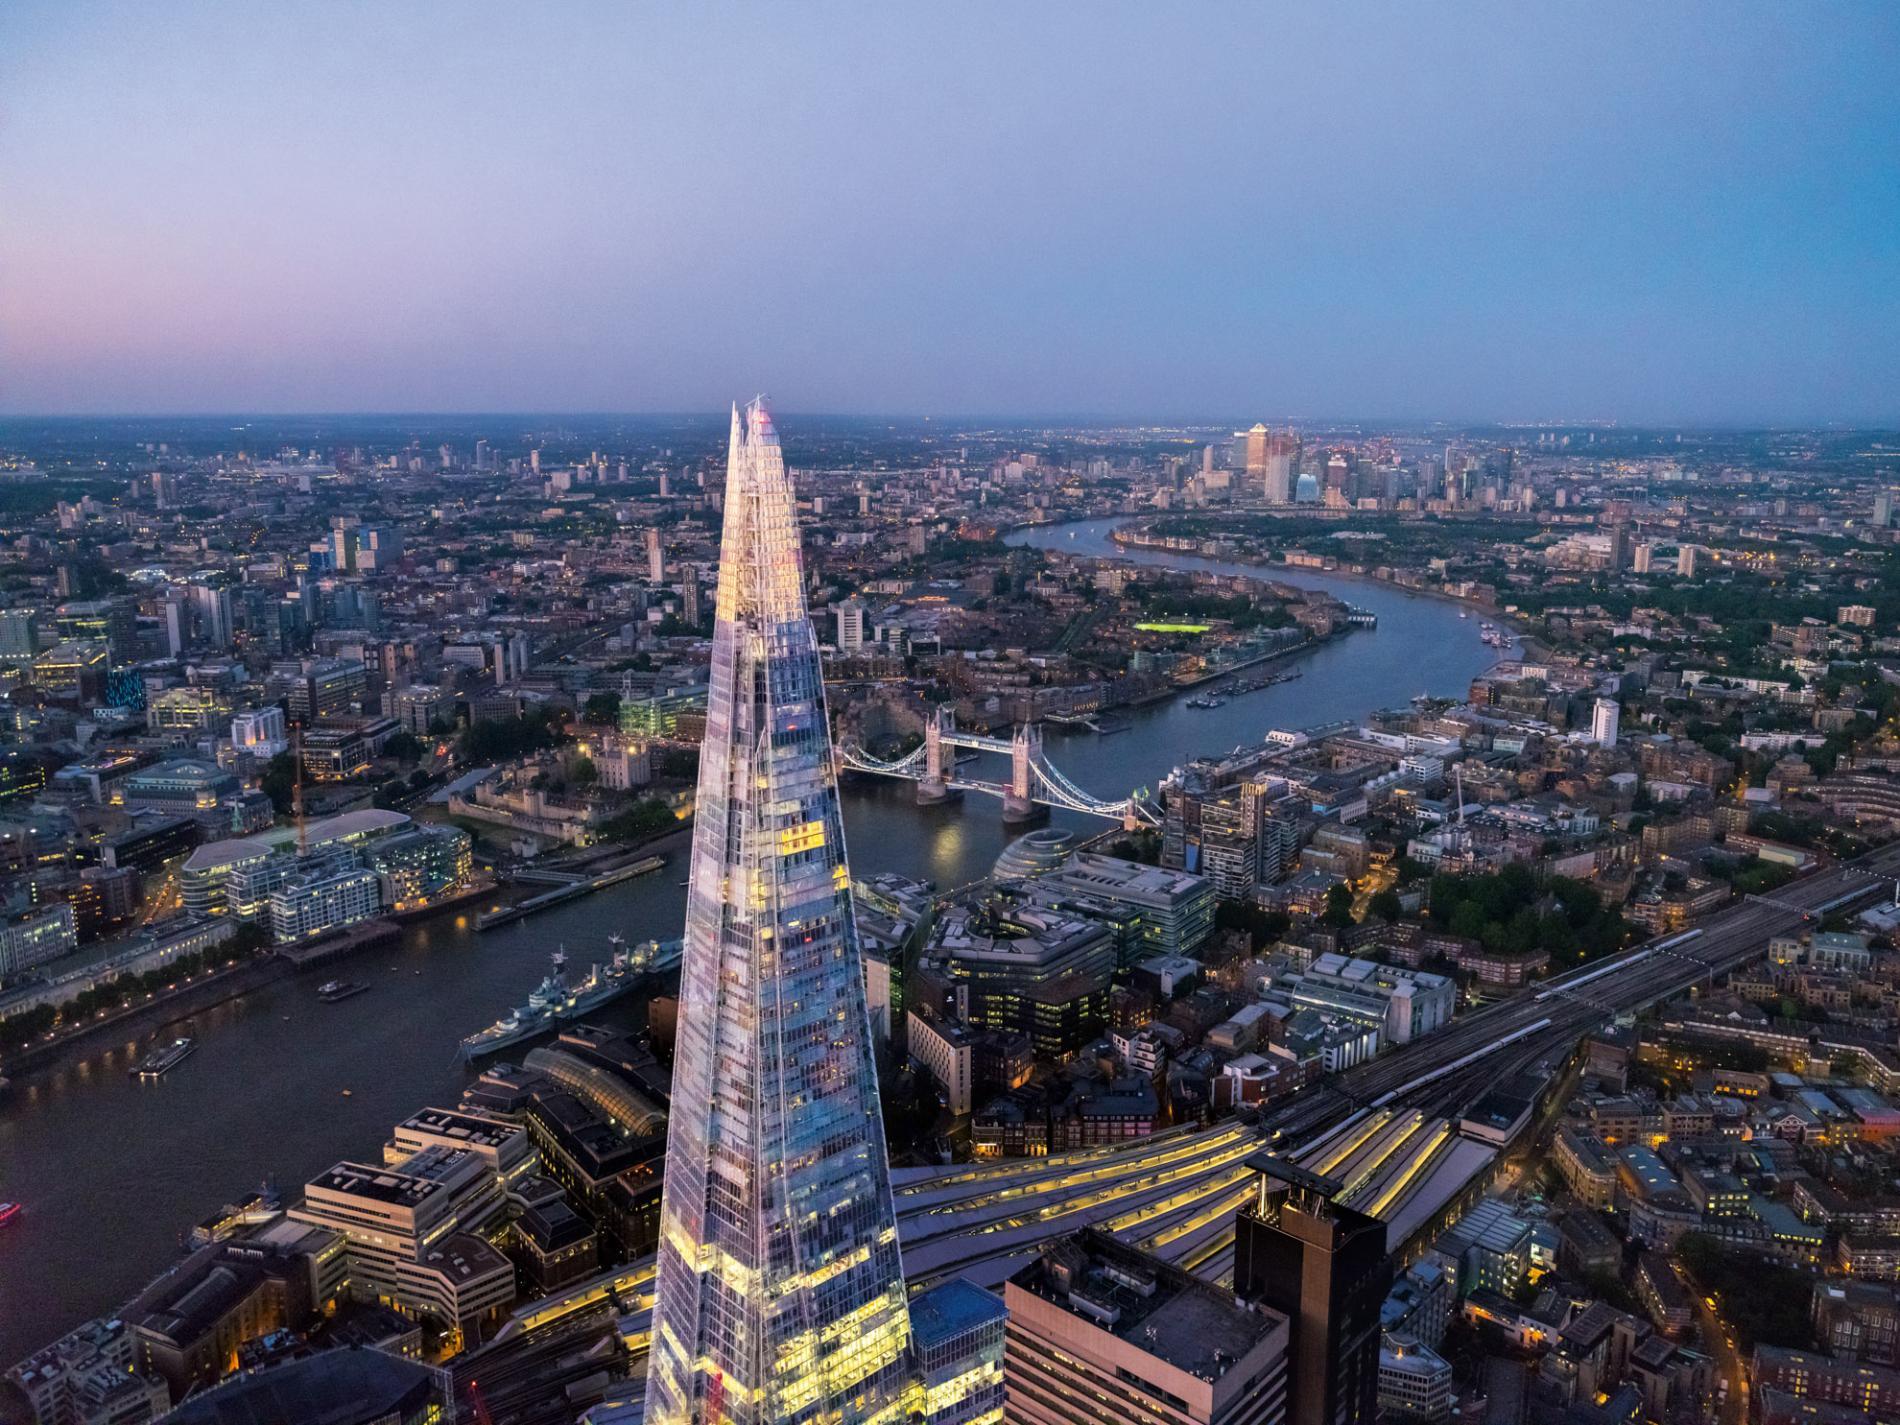 ما هي عاصمة انجلتر المسافرون الى اوروبا